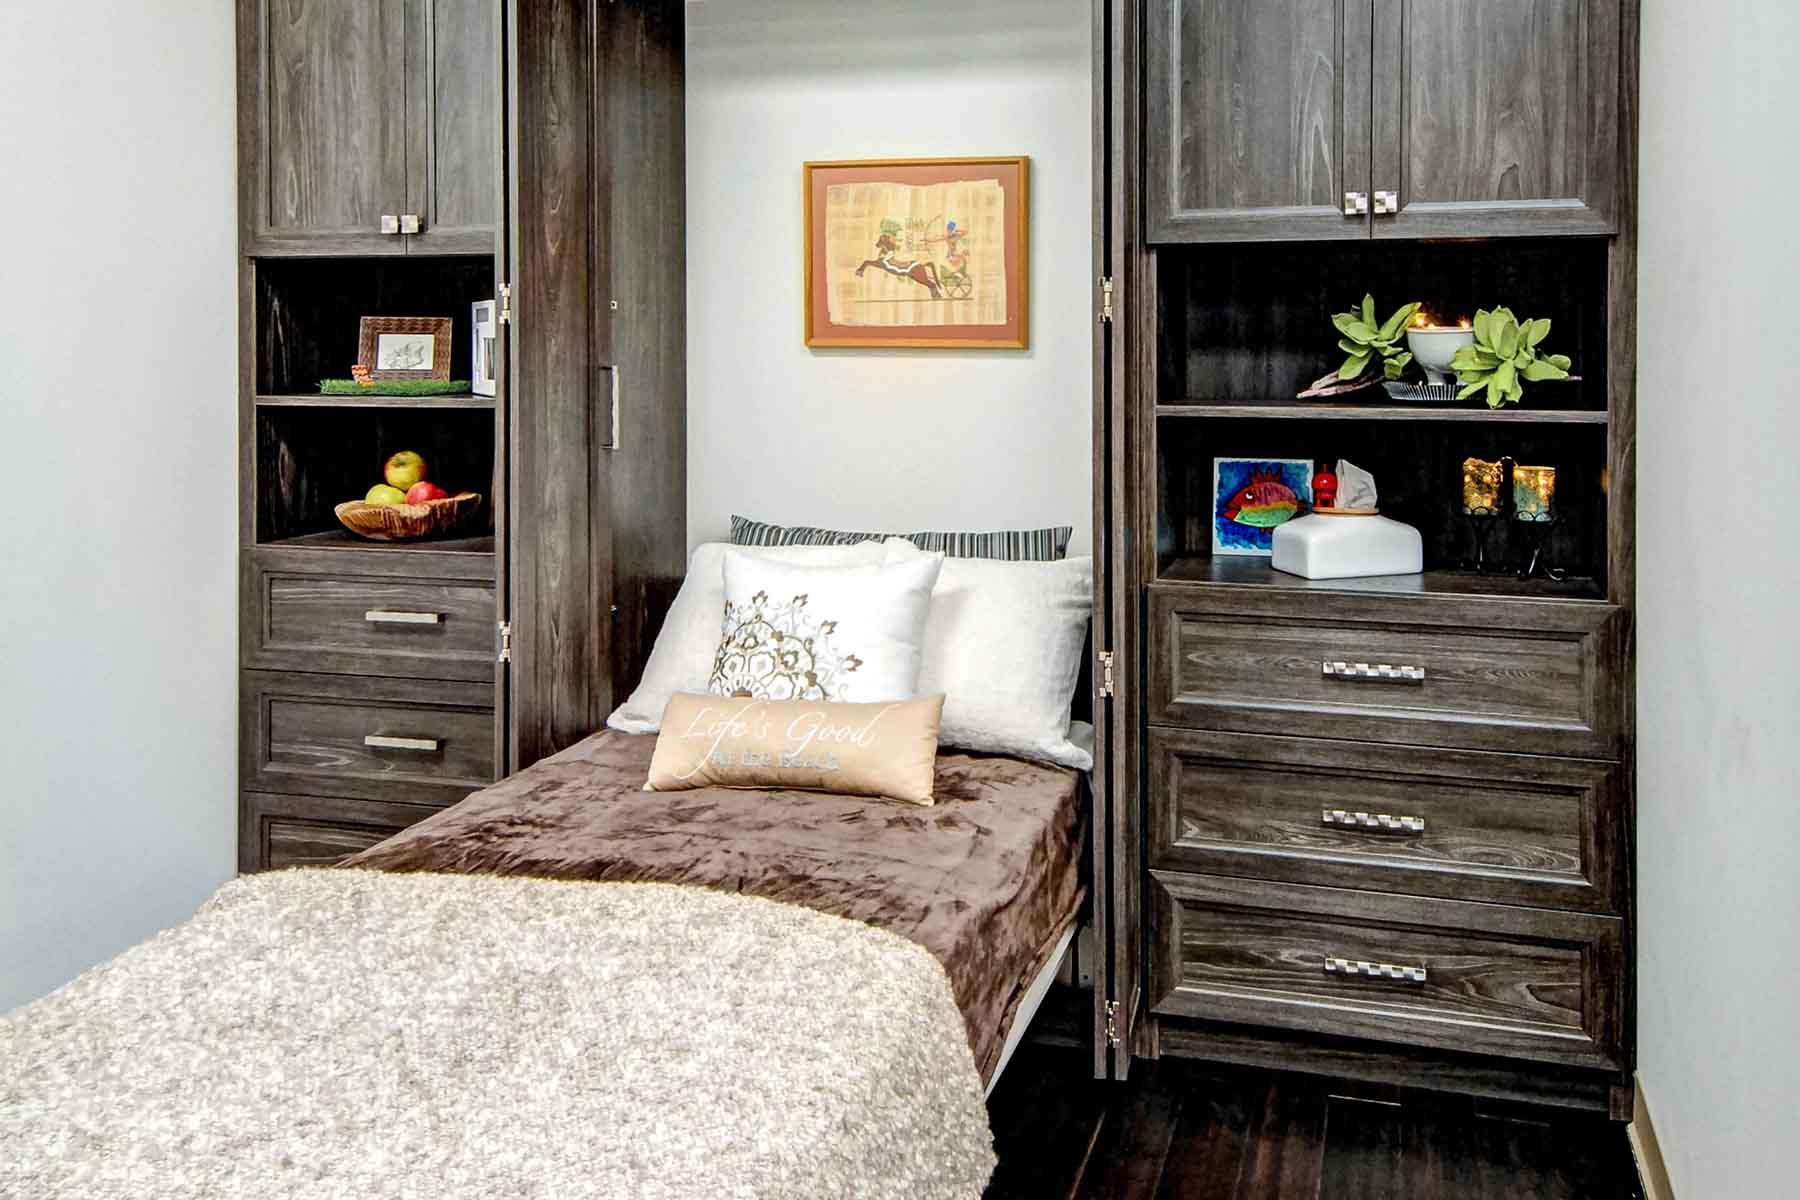 Murphy bed with bifold doors